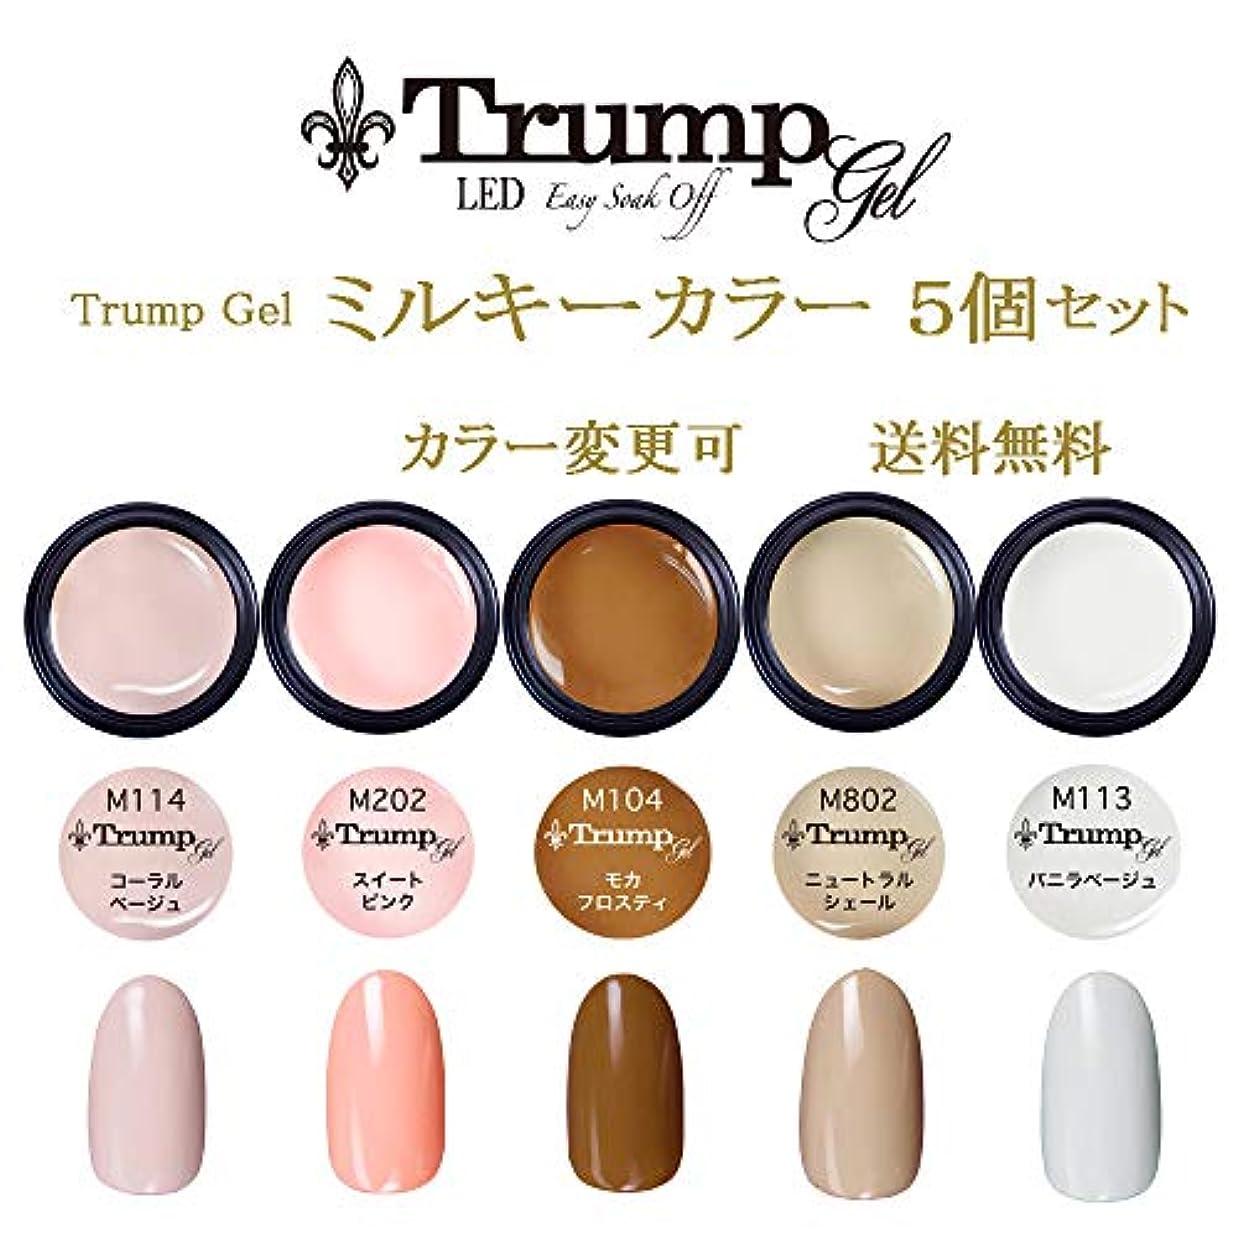 コウモリモルヒネペダル【送料無料】日本製 Trump gel トランプジェル ミルキーカラー 選べる カラージェル 5個セット ミルキーネイル ベージュ ピンク ミルキー カラー